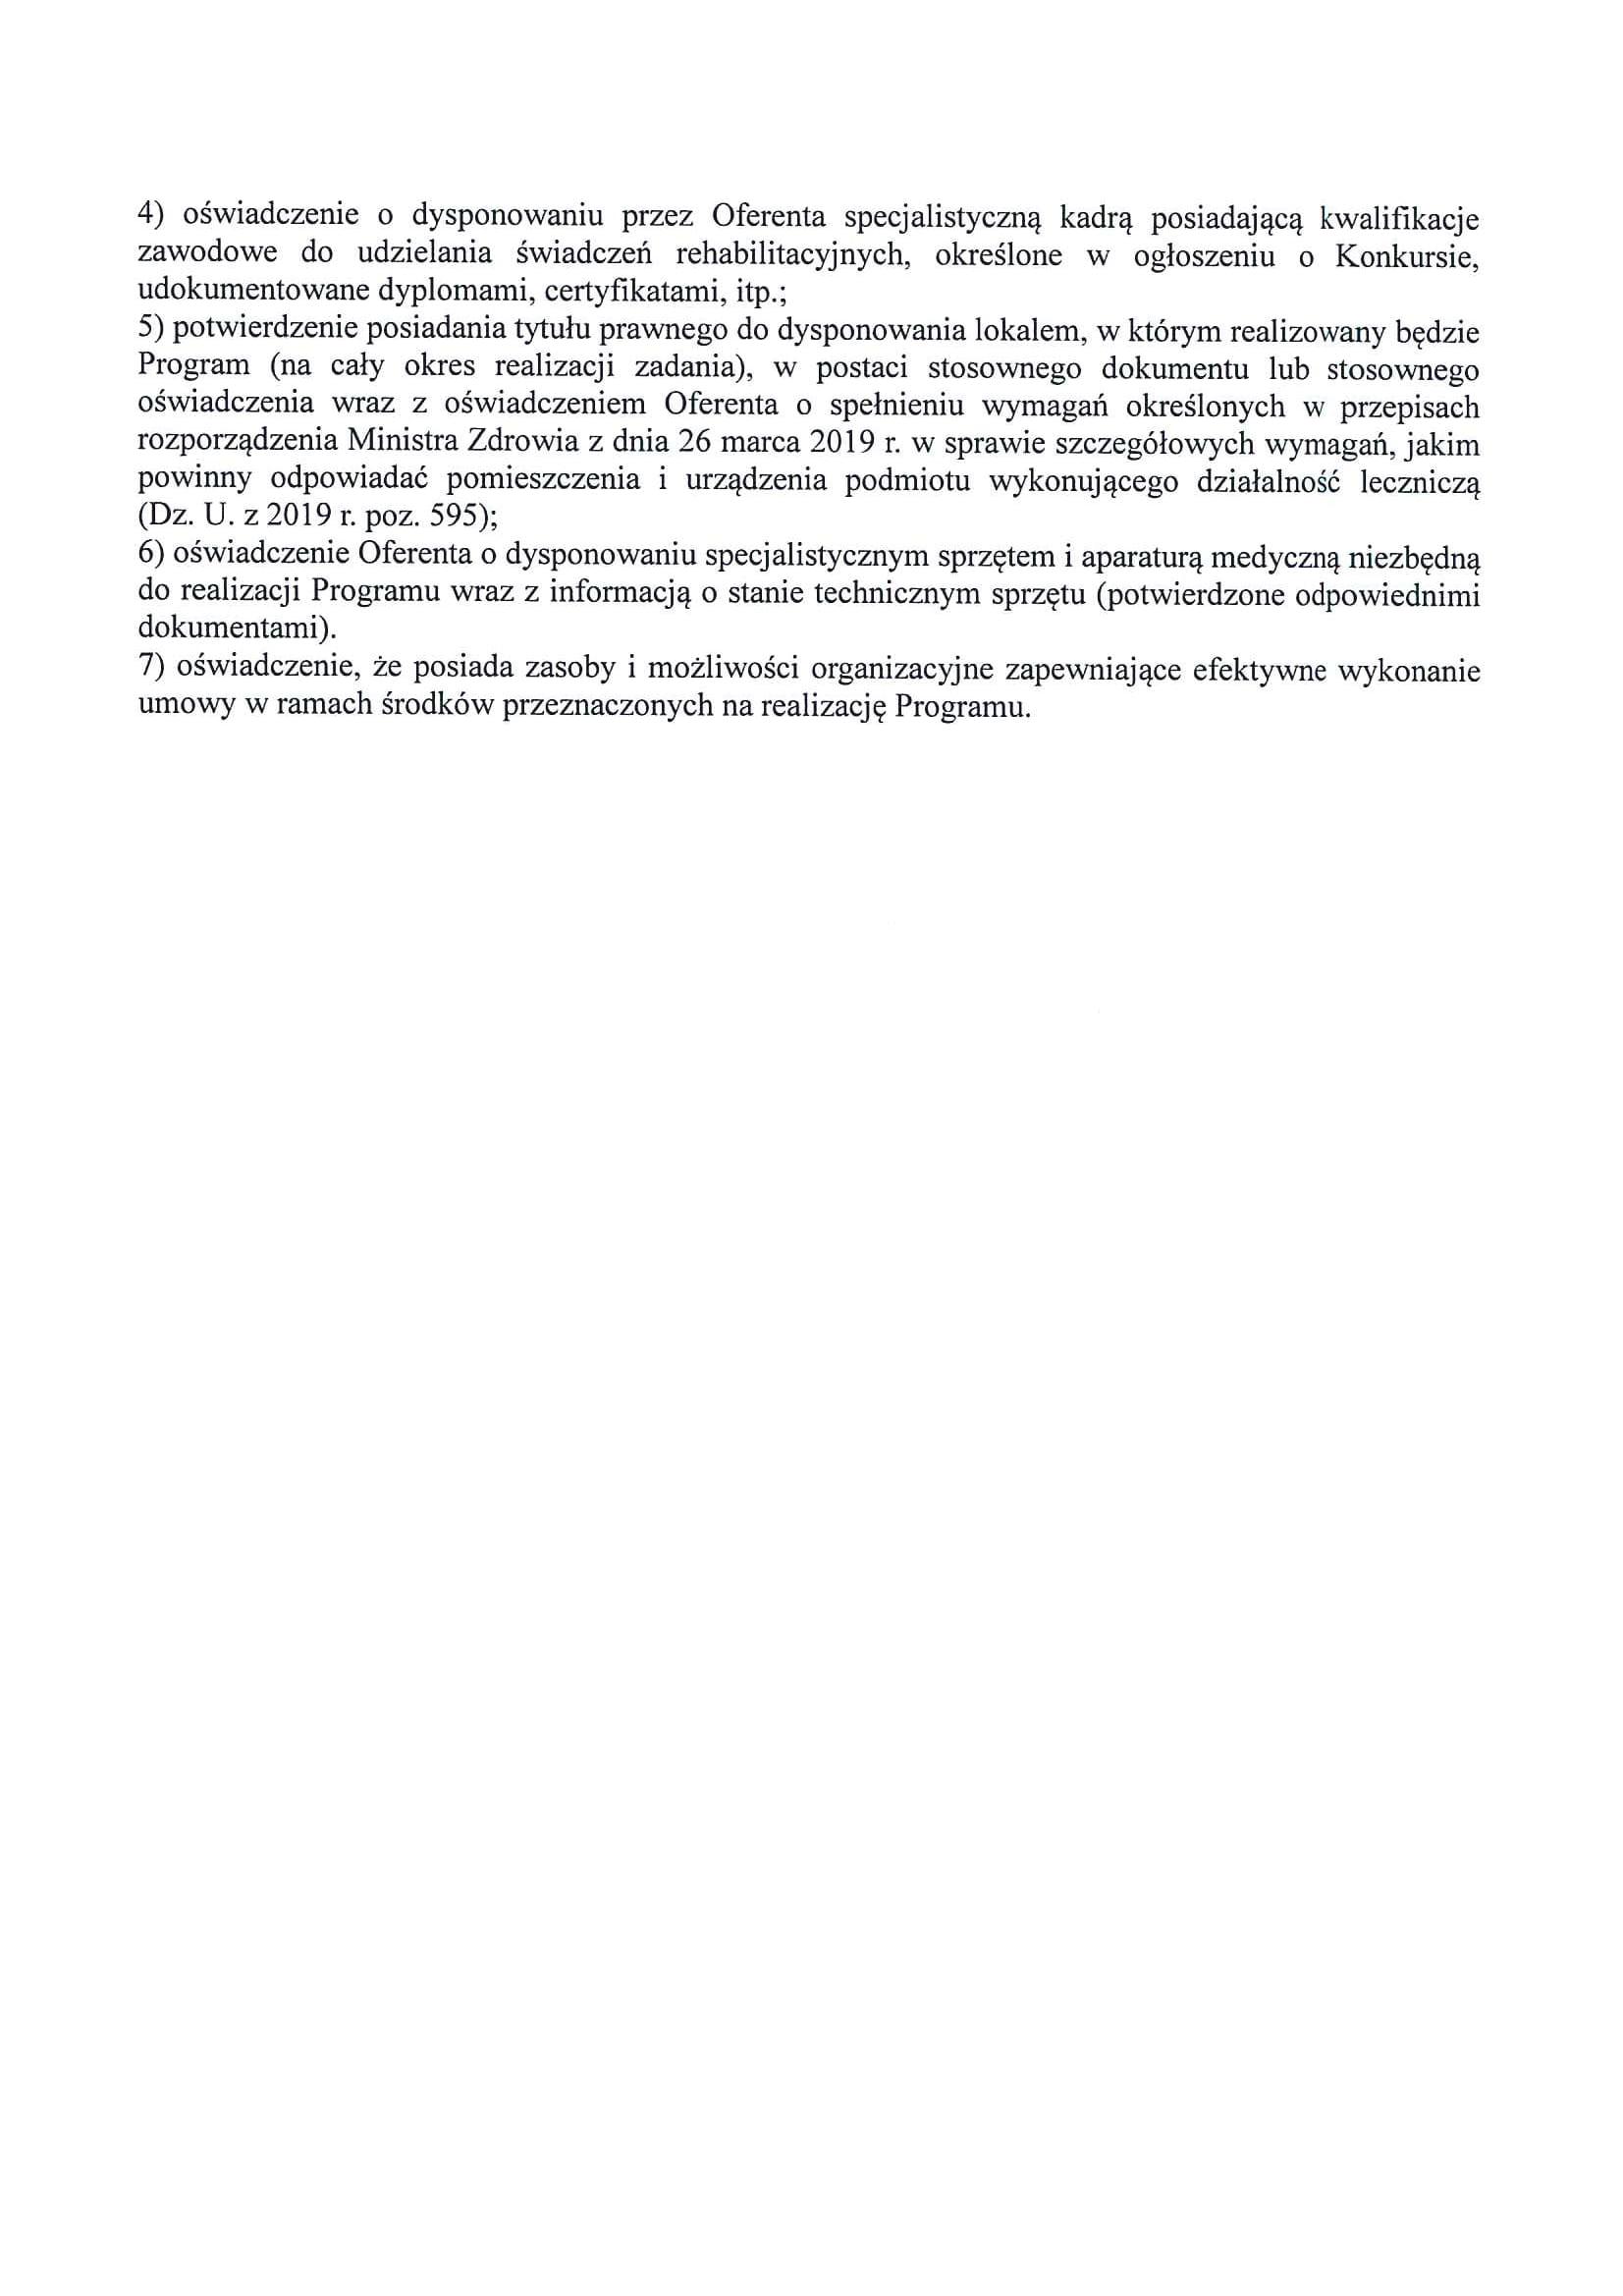 zarza.183.2019-10